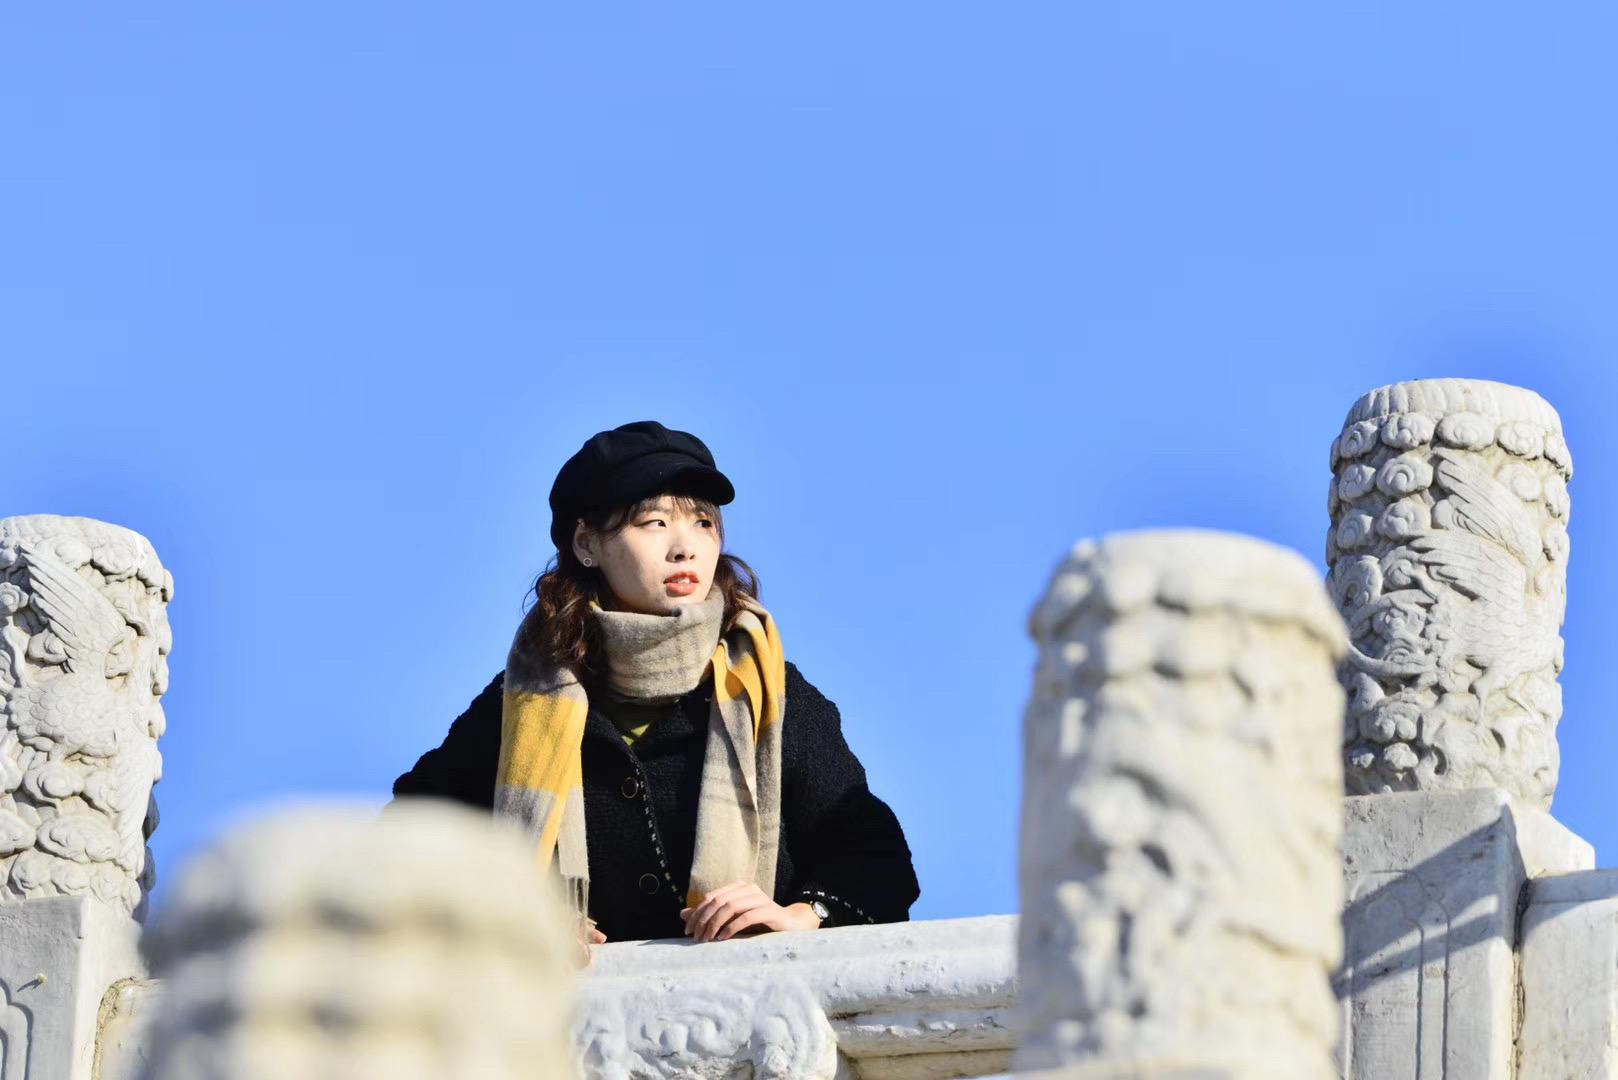 實拍:紫禁城里的昨天和今天,風采依然(圖)